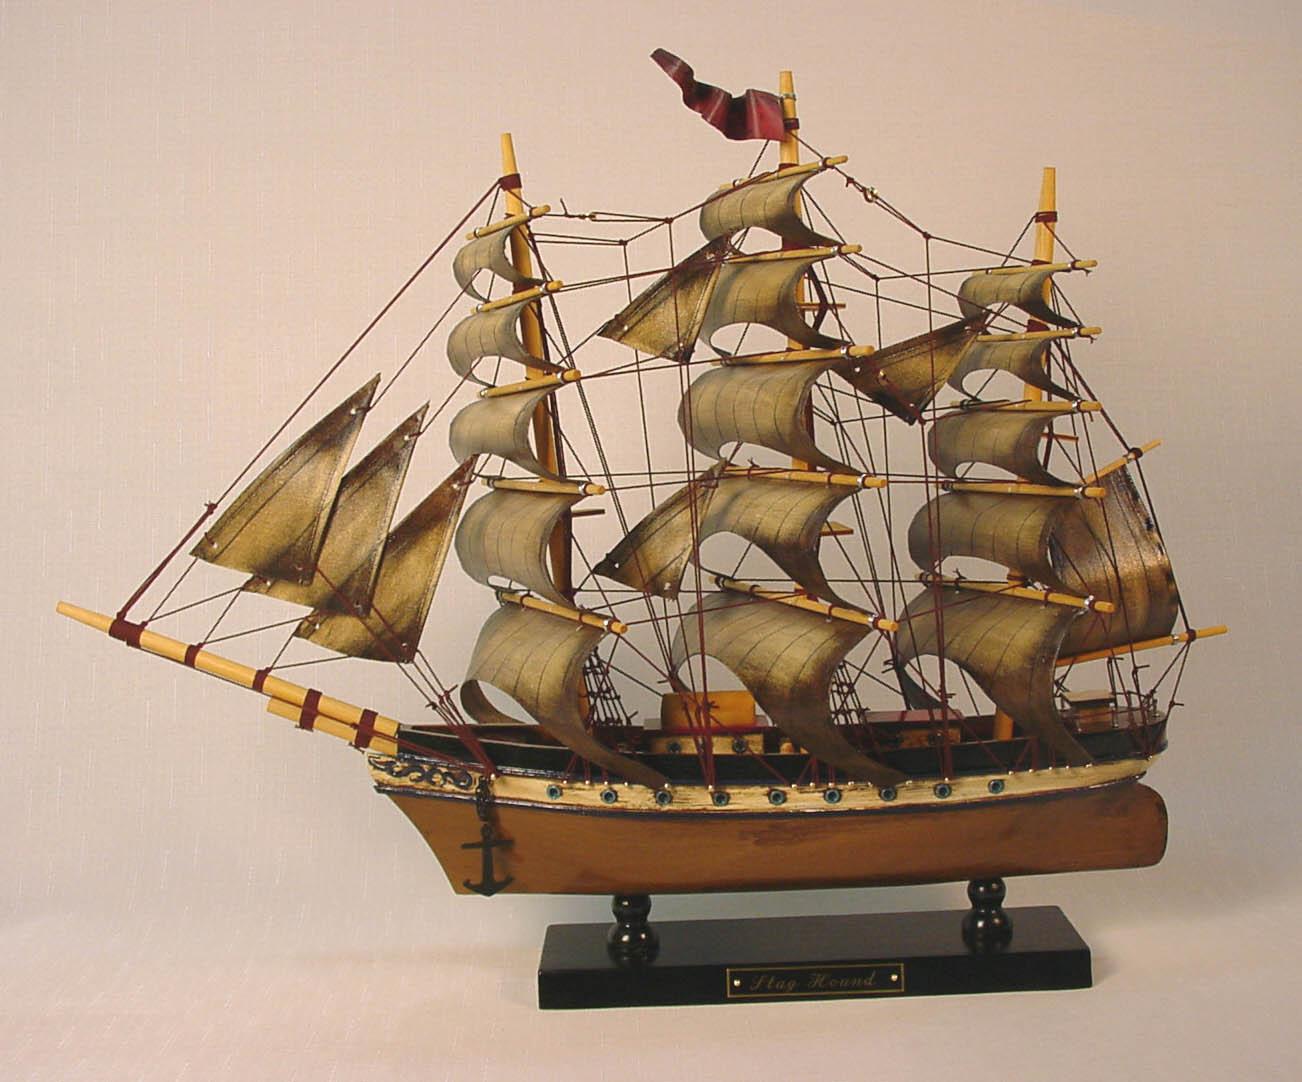 帆船模型 モデルシップ 完成品 HA-237 スタッグハンド アンティーク 新築祝 開業祝 お祝い 門出【_のし】【_メッセ入力】